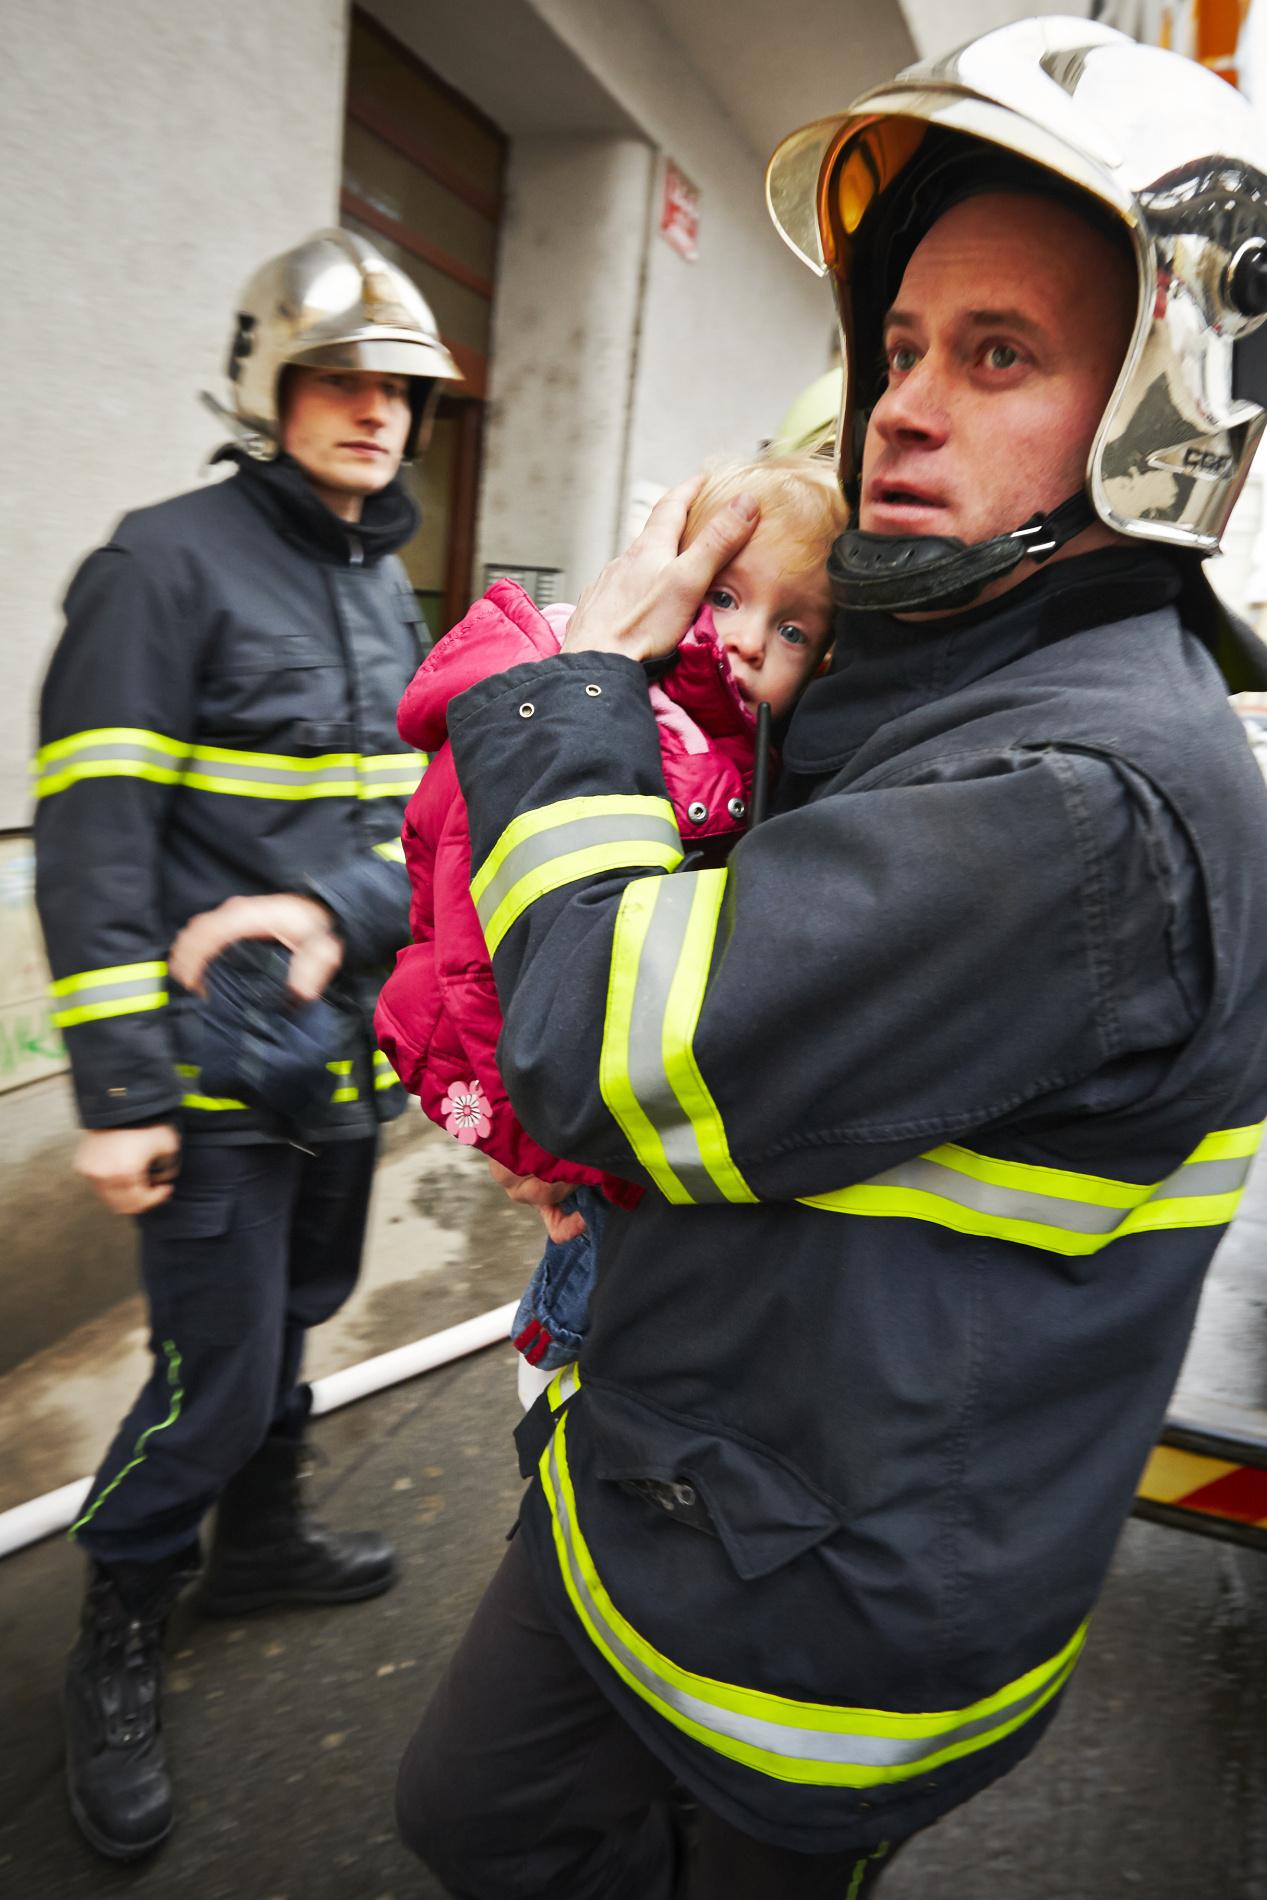 """""""Všem stanicím, které jedou k případu požáru v domě: Volali nám lidé ze čtvrtého patra, že mají na chodbě hustý kouř a nemohou ven.""""- (Foto: Jaromír Chalabala)"""